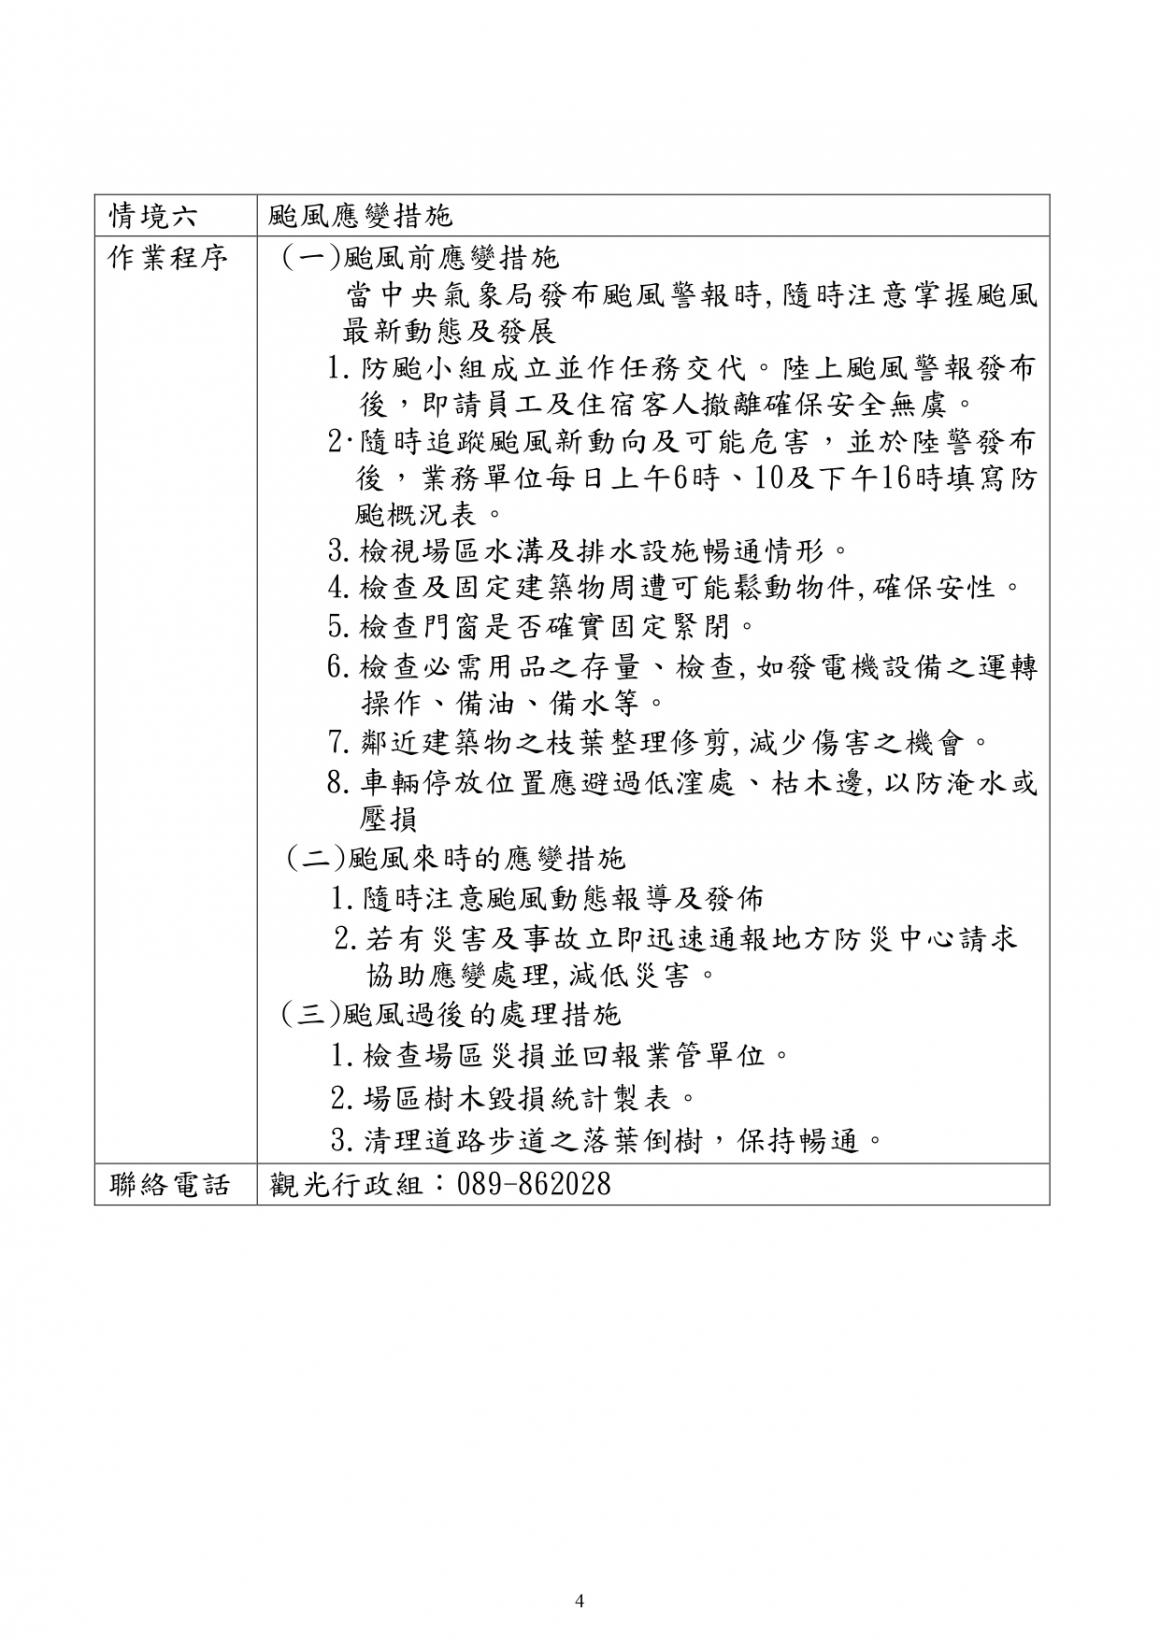 臺東農場應變程序正式版_page-0004